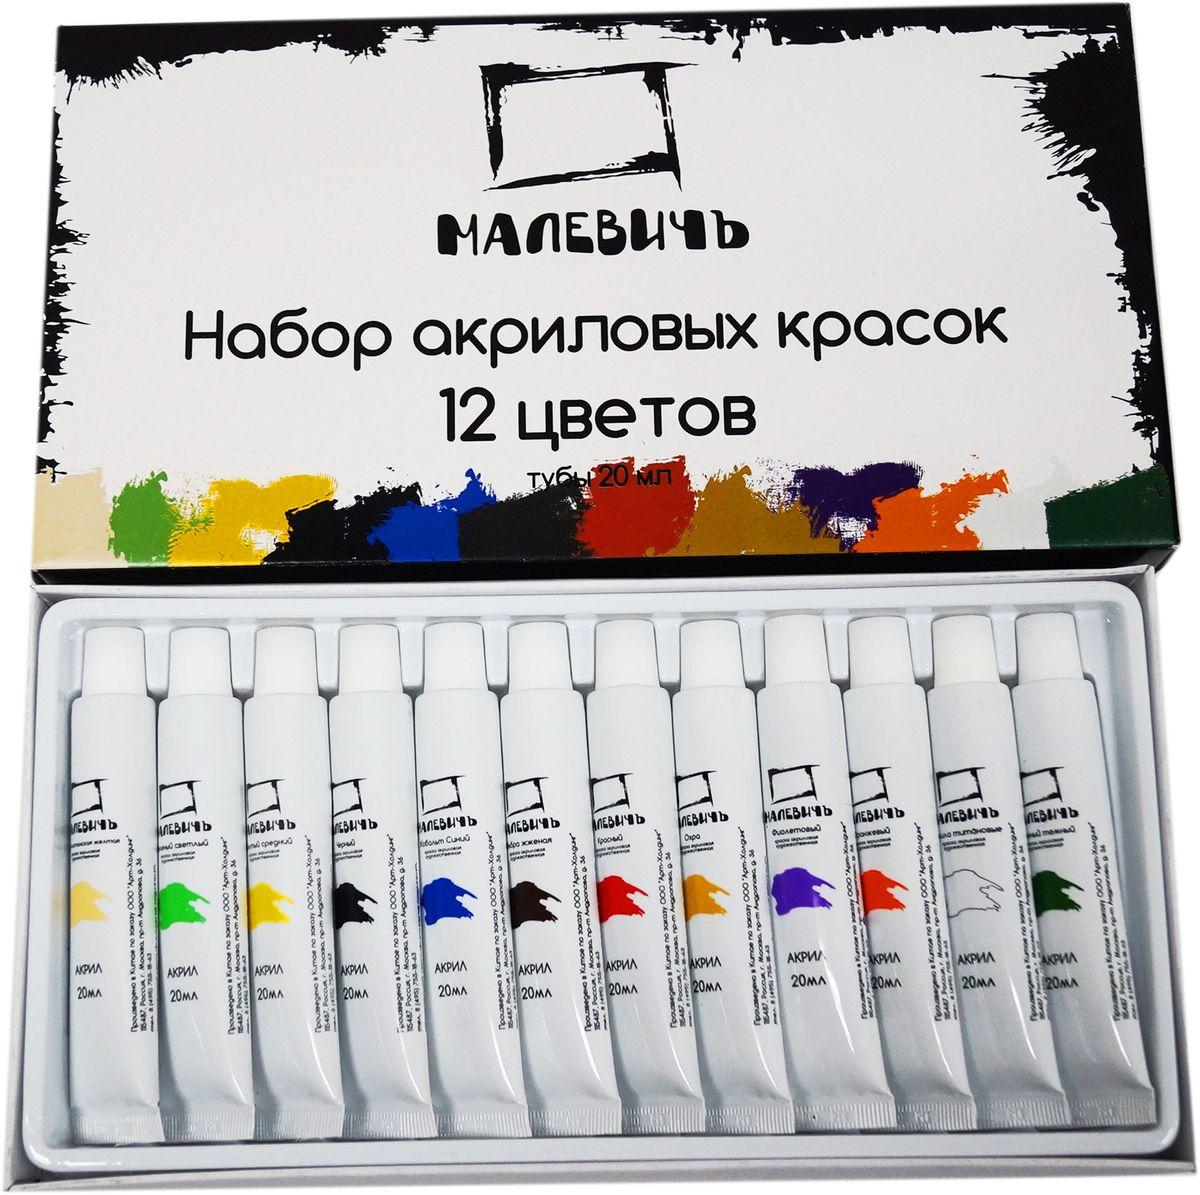 Малевичъ Набор акриловых красок 12 цветов612000Универсальный комплект из 12 наиболее популярных цветов, смешивая которые можно получить практически любой оттенок. Идеален в качестве «стартового набора» и как подарок художнику. Небольшой объем тюбиков удобен для выездов на этюды. Яркие, насыщенные акриловые краски Малевичъ легко разбавляются водой, быстро сохнут, не требуют специально подготовленной поверхности для работы. В состав входят 12 наиболее популярных цветов в тюбиках объемом 20 мл: белила титановые, кадмий лимонный, кадмий желтый средний, охра светлая, английская красная, кадмий красный темный, краплак розовый, марс коричневый прозрачный, ультрамарин синий, голубая «ФЦ», зеленая «ФЦ», травяная зеленая. Эти профессиональные масляные краски изготавливаются из высококачественных, светостойких пигментов и натурального, очищенного льняного масла. Содержание пигмента и масла сбалансировано таким образом, чтобы получить идеальную мягкую консистенцию, позволяющую писать даже неразбавленными красками....